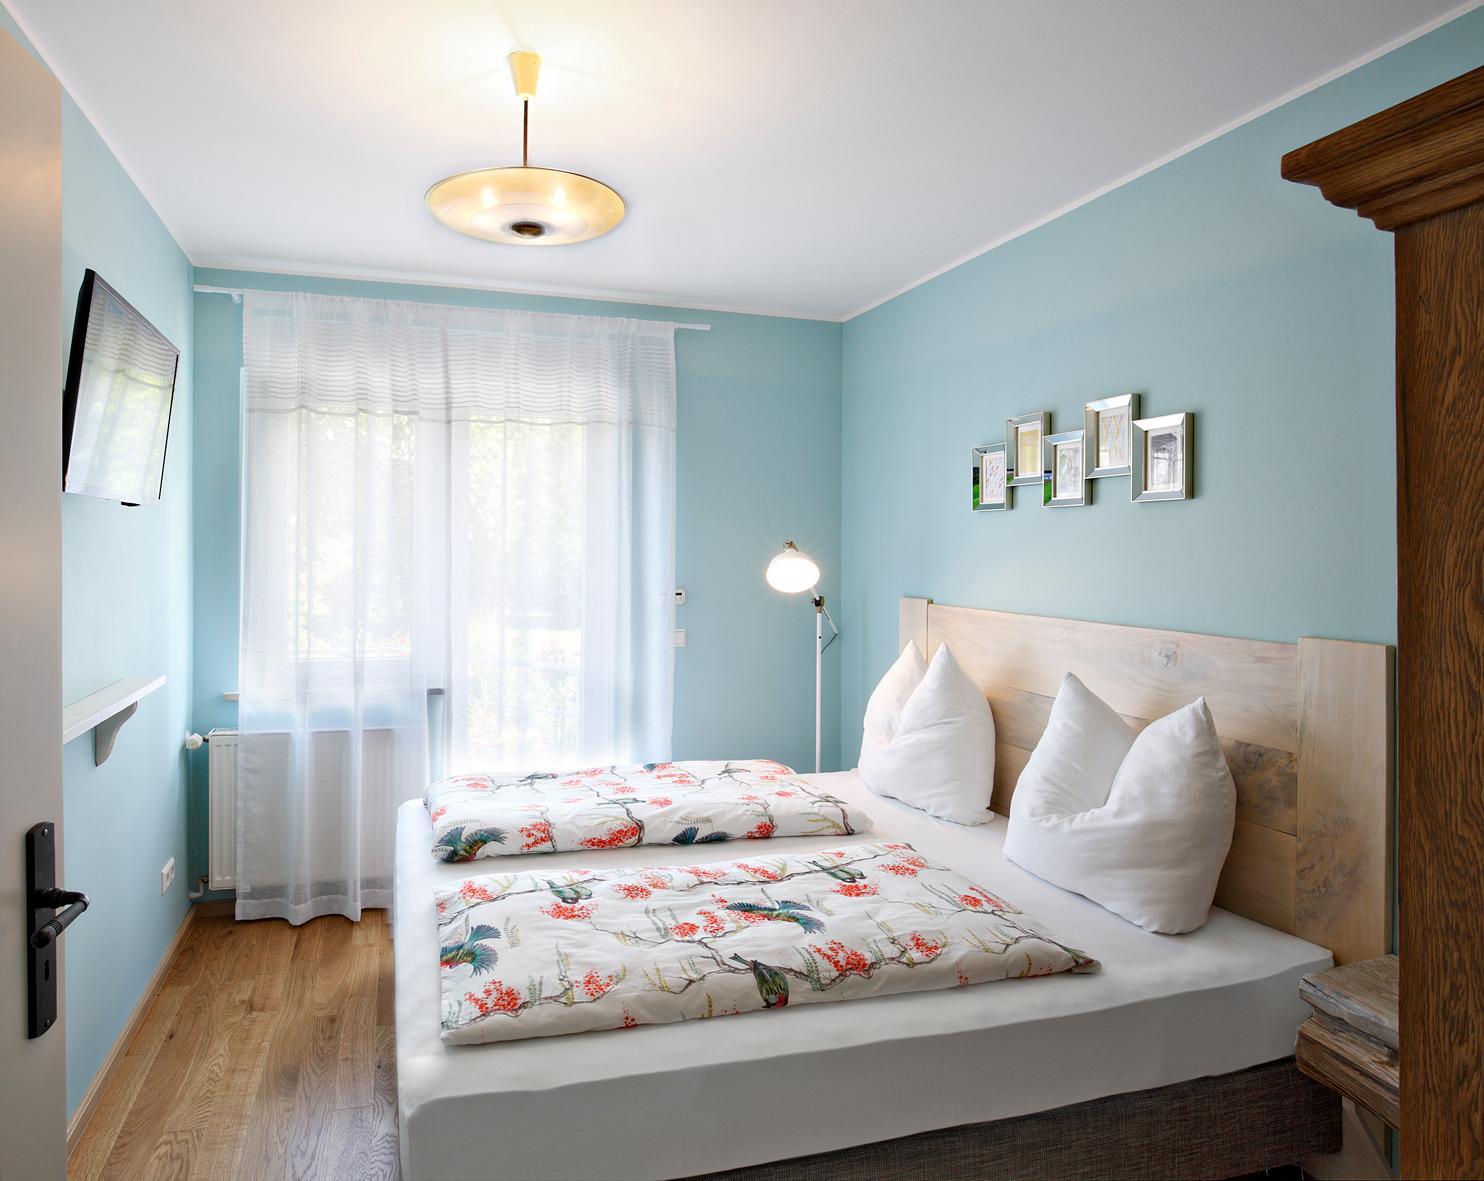 kleine schlafzimmer bilder ideen couchstyle. Black Bedroom Furniture Sets. Home Design Ideas